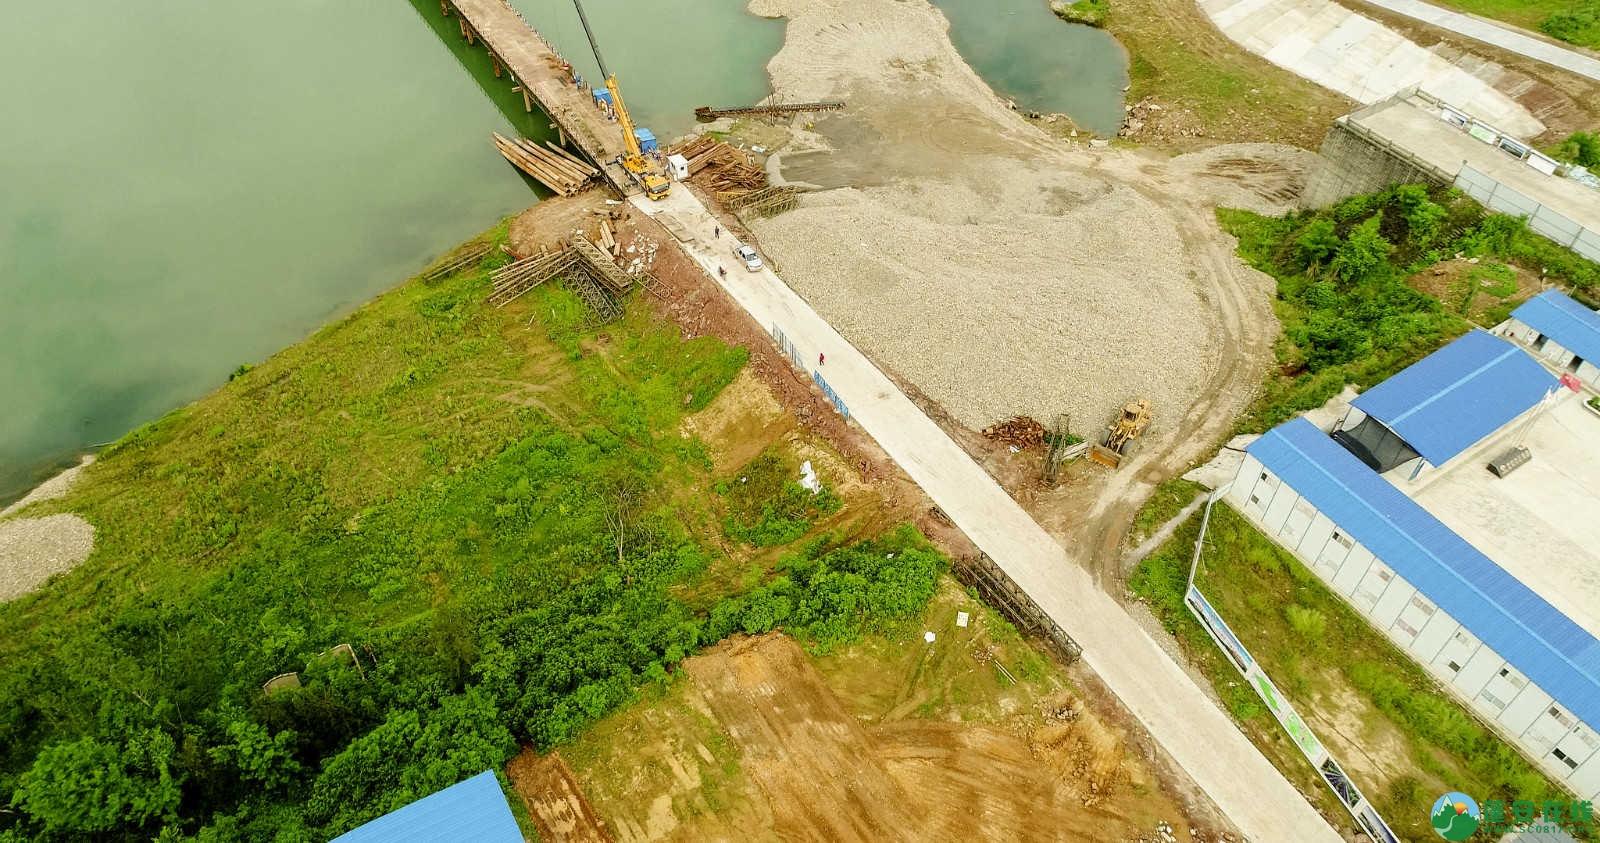 蓬安嘉陵江一桥修建进(2019年5月11日) - 第14张  | 蓬安在线